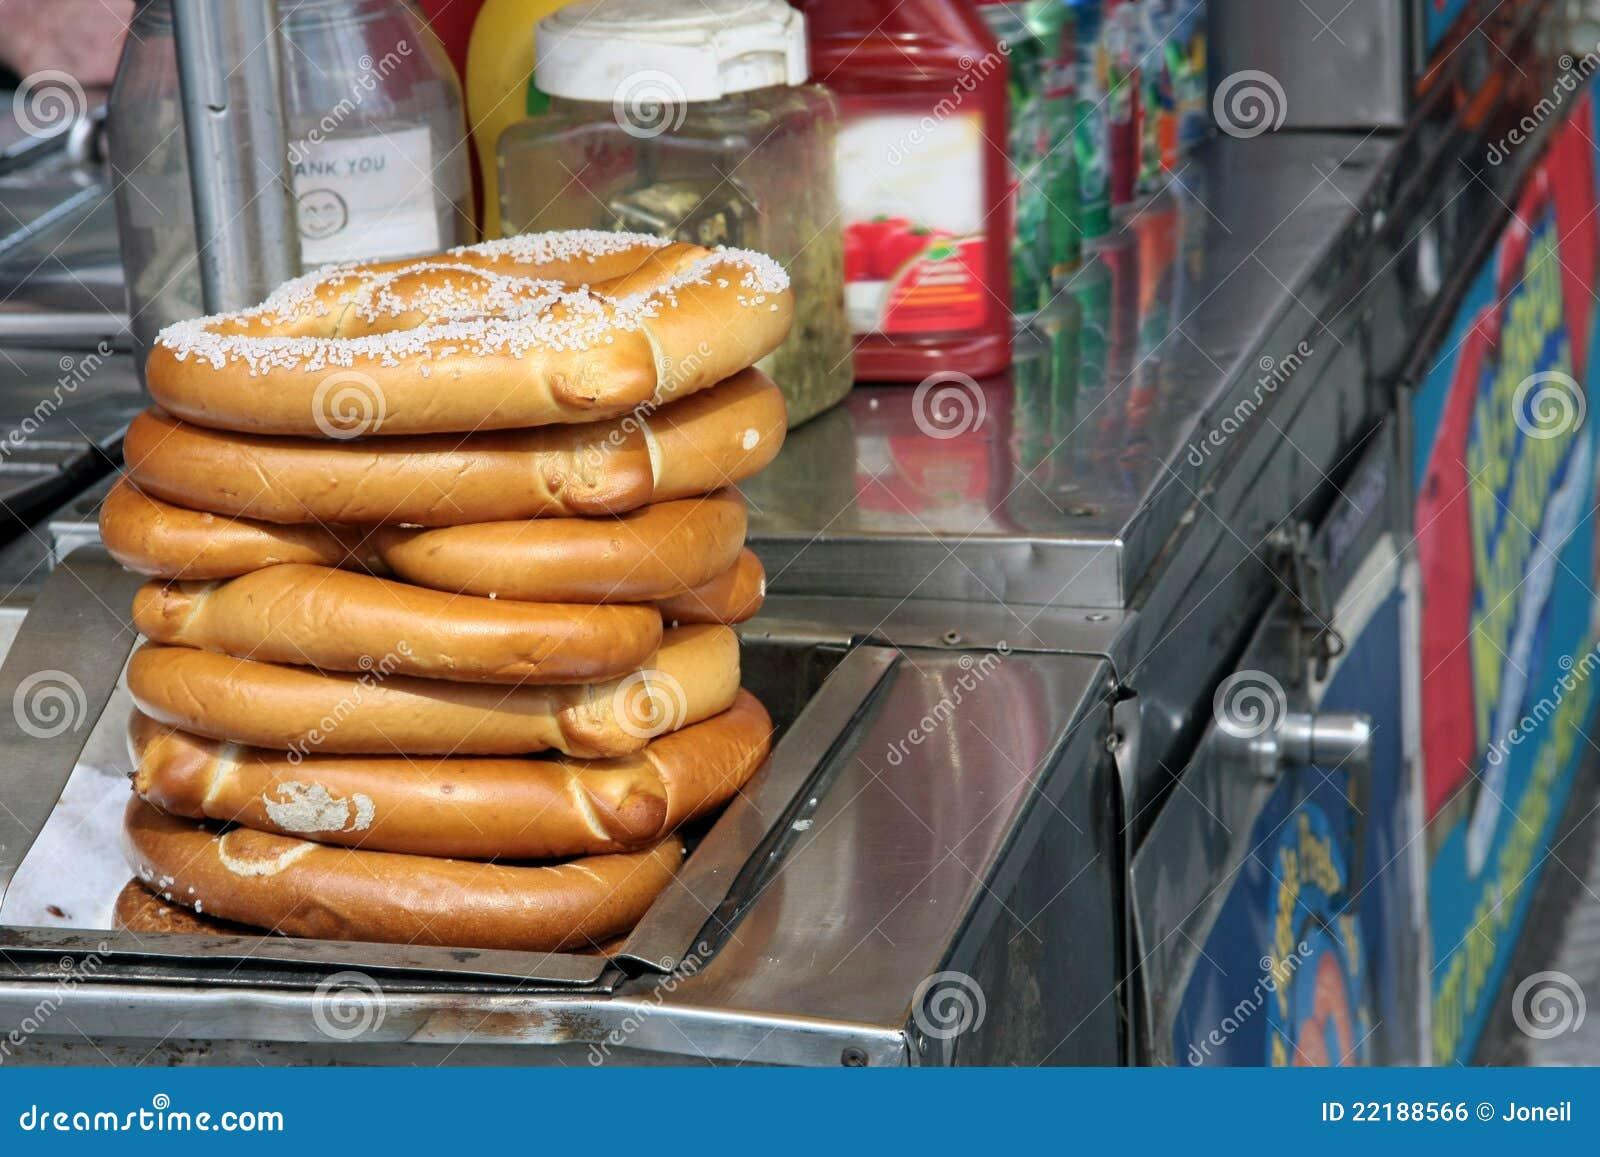 Pretzels on food cart